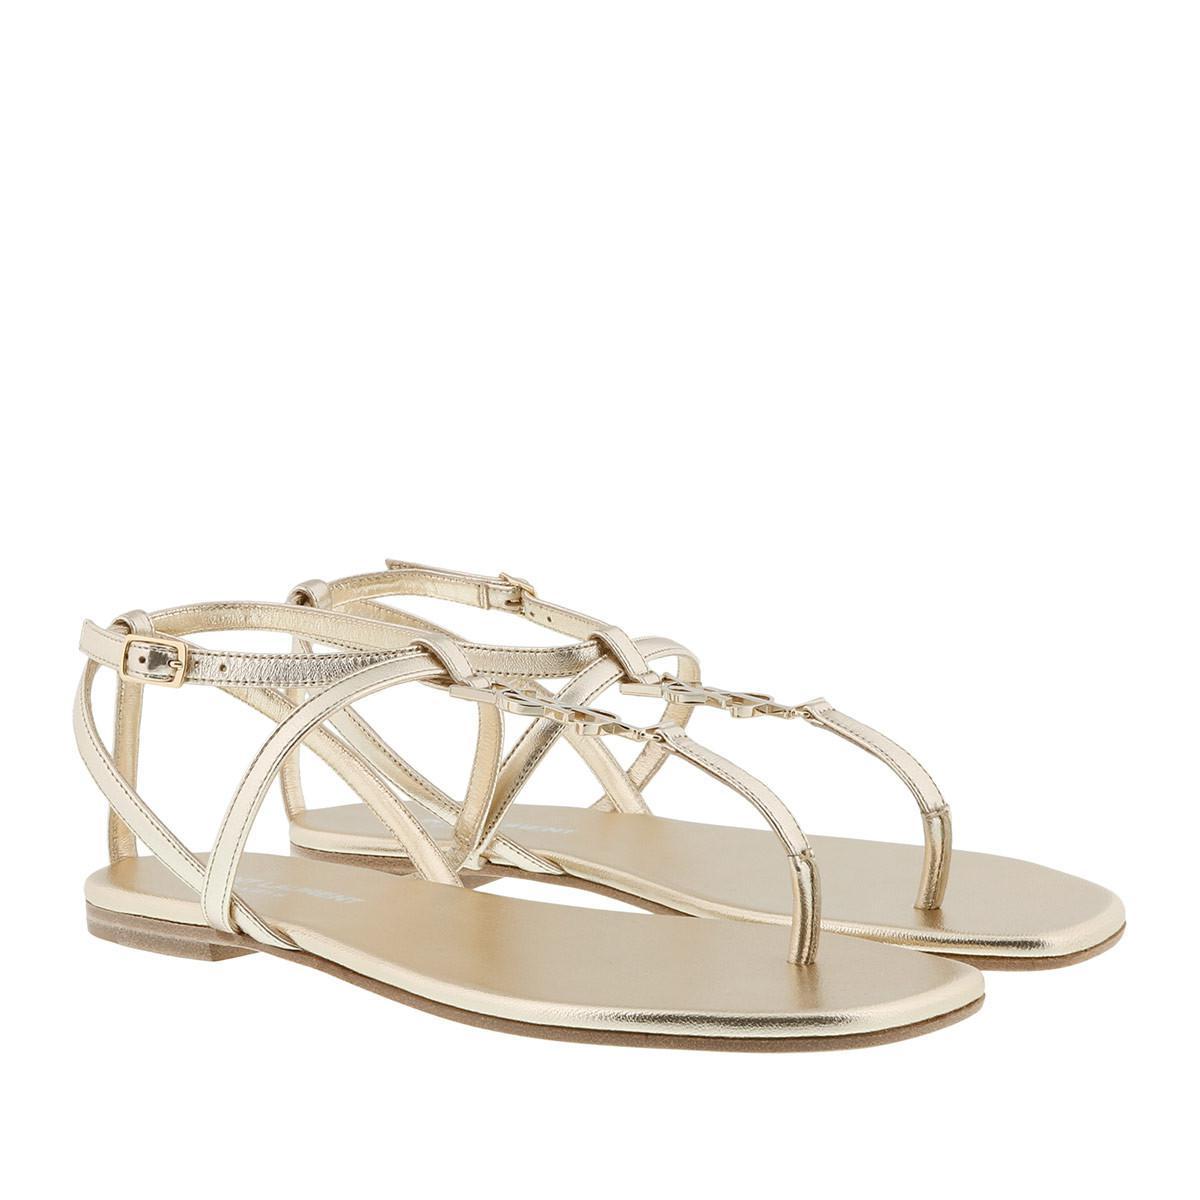 Saint Laurent Sandals - Pied Nu Sandali Flat - - Sandals for ladies Official Site Online 6a7DNfJp7